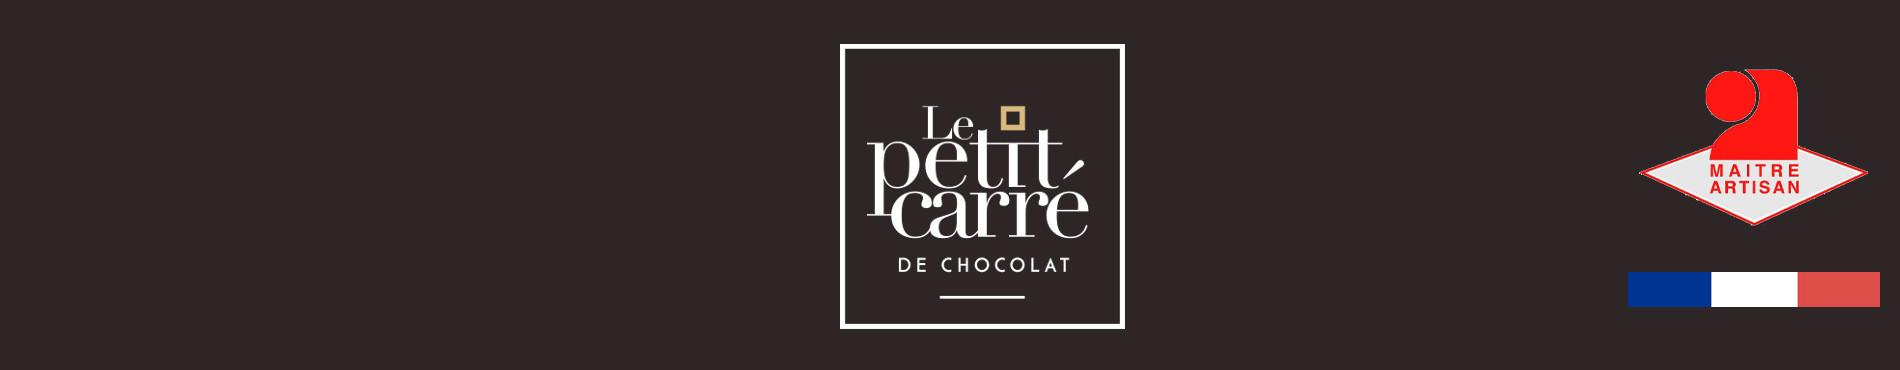 Le chocolat du Petit Carré de Chocolat personnalisable